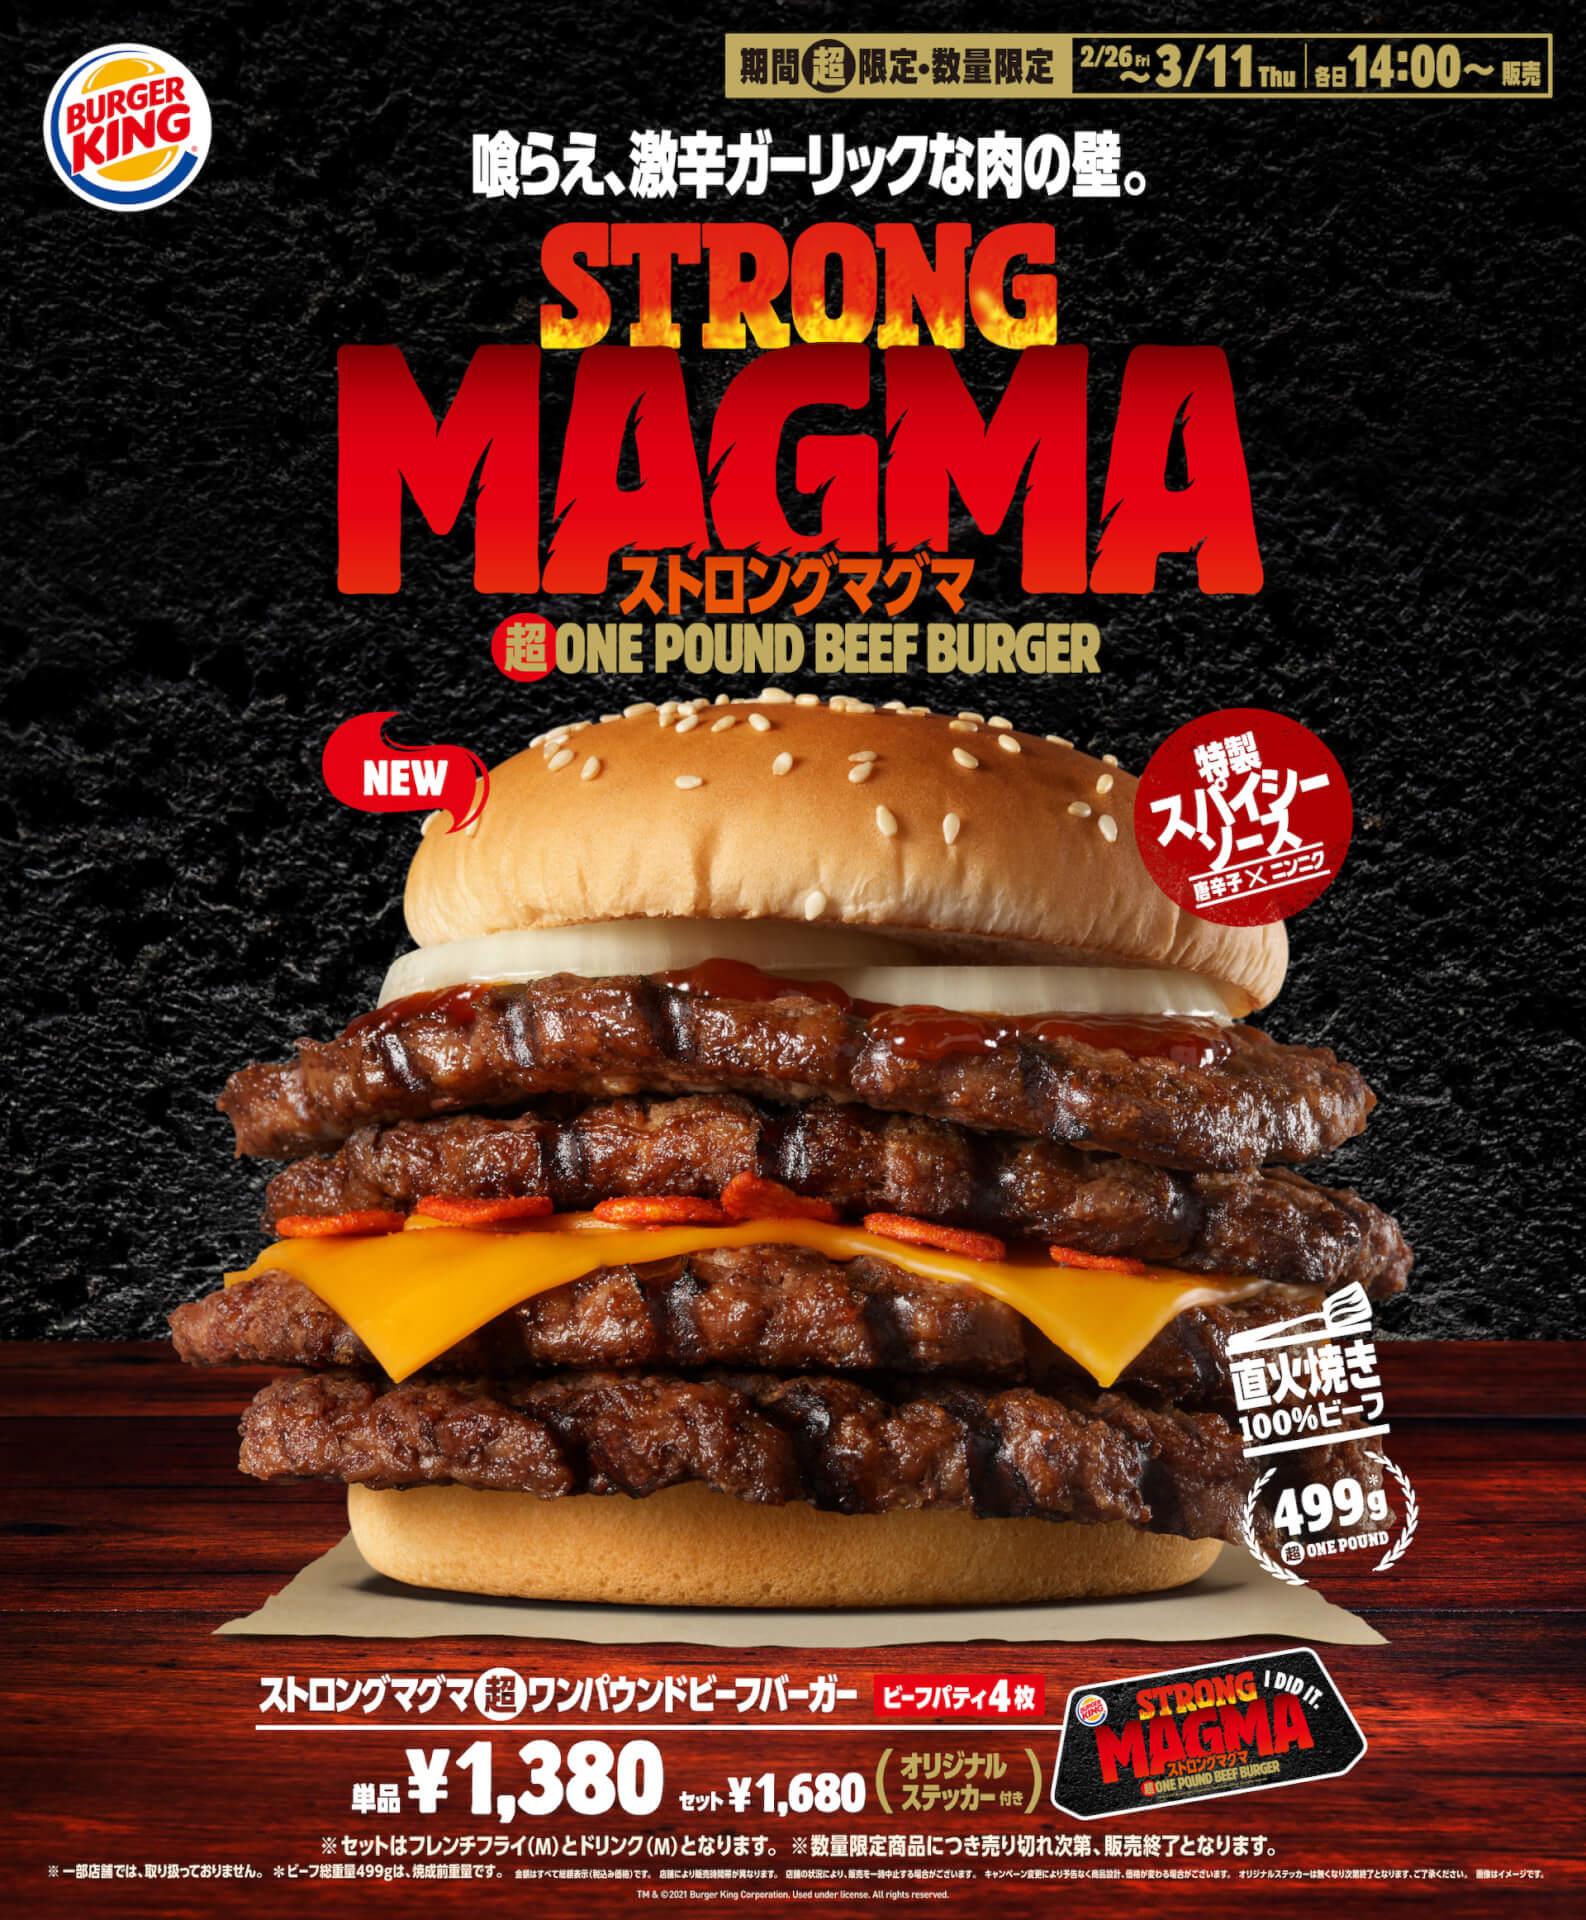 バーガーキング最強のデカさ&辛さを味わおう!『ストロング マグマ超ワンパウンドビーフバーガー』が期間限定新発売 gourmet210225_burgerking_magma_1